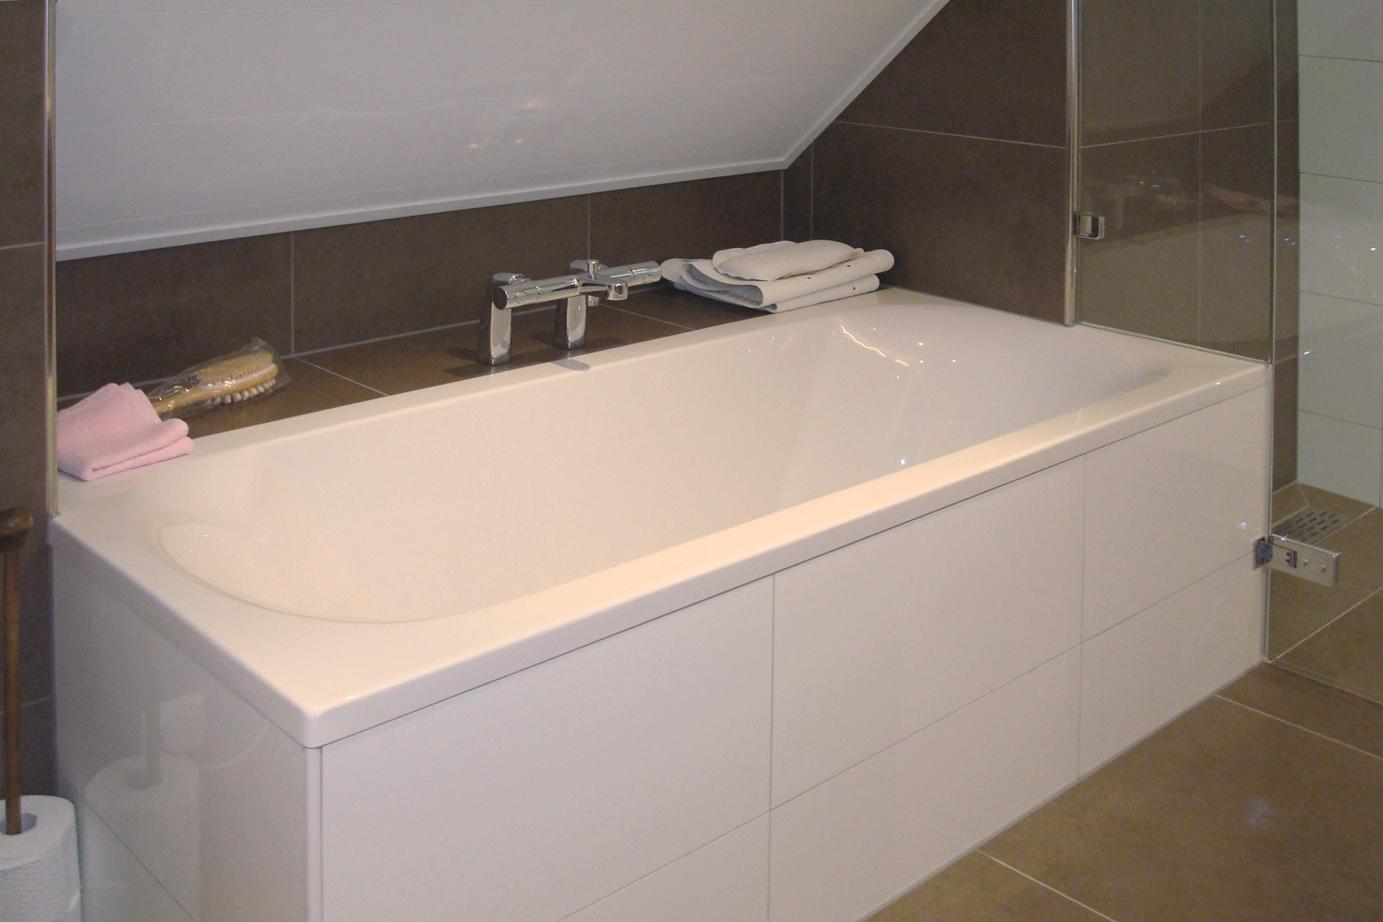 Offerte Nieuwe Badkamer : Nieuwe badkamer in epe lees klantervaring db keukens